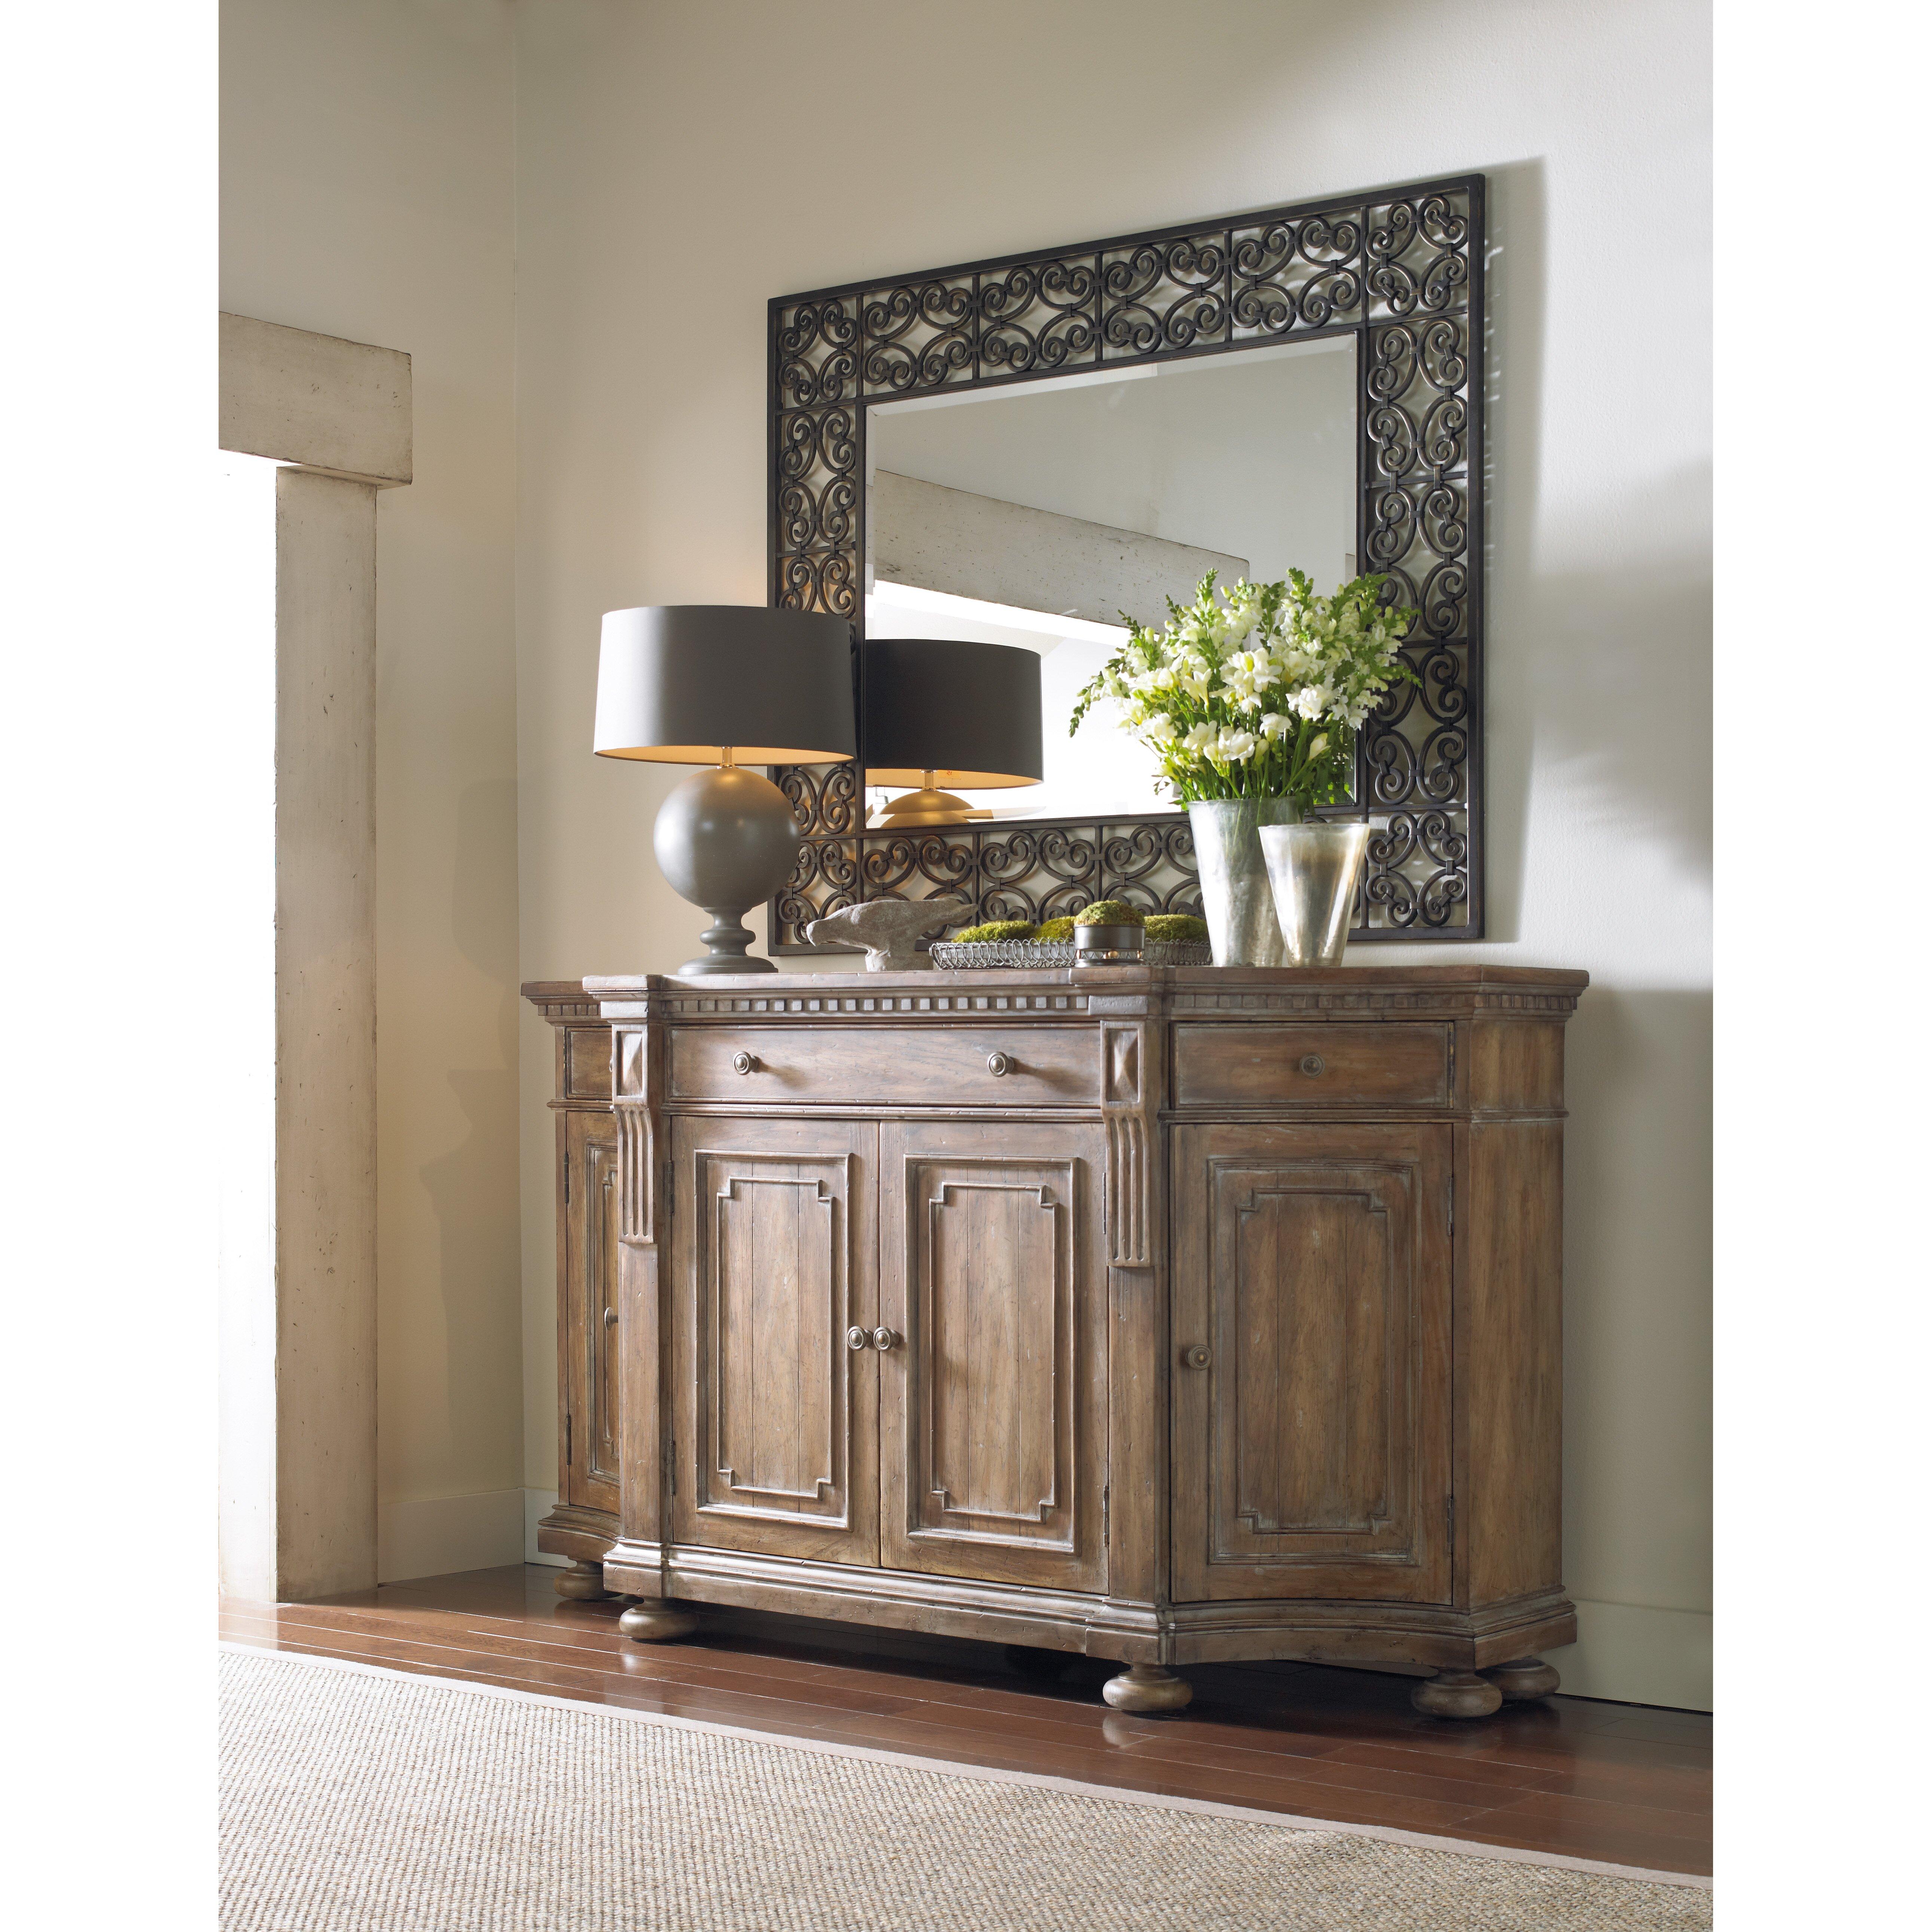 Hooker Furniture Sorella China Cabinet & Reviews